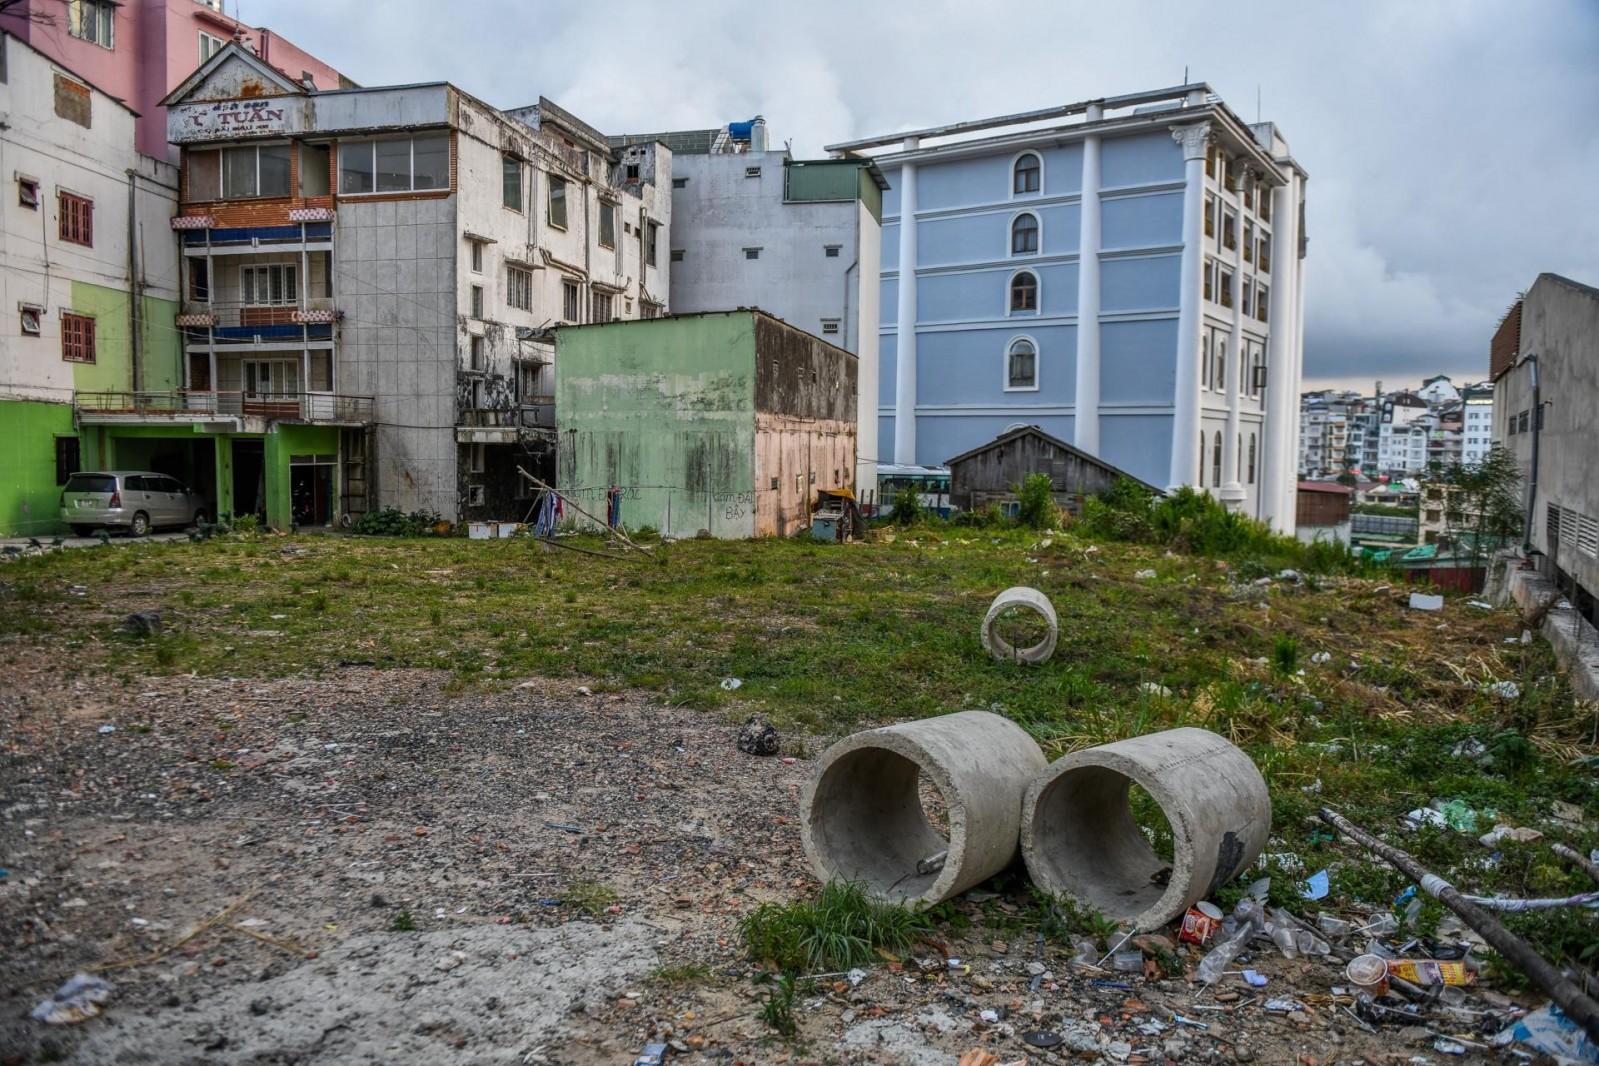 Mảnh đất được cò đất báo giá 1 tỷ đồng/m2 trên đường Phan Bội Châu được chủ đất đưa ra giá bán chỉ hơn 160 triệu đồng/m2. Ảnh: Quỳnh Trang.